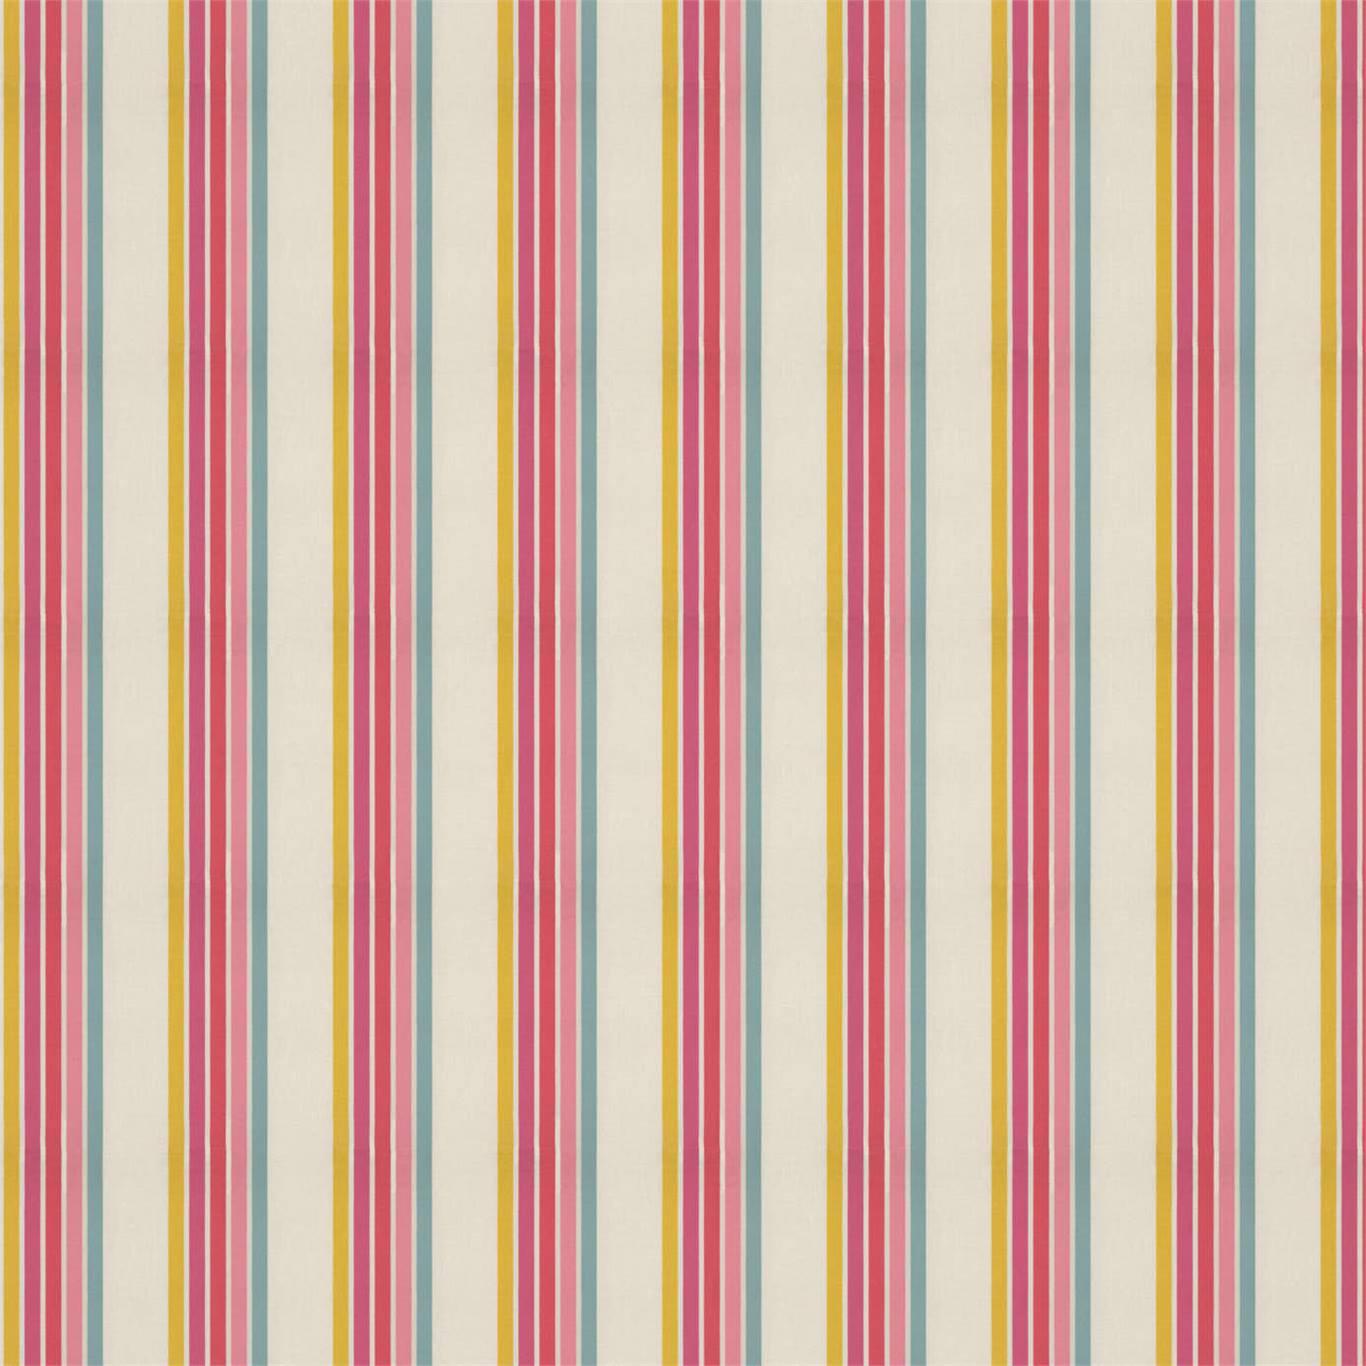 Helter Skelter Stripe by HAR